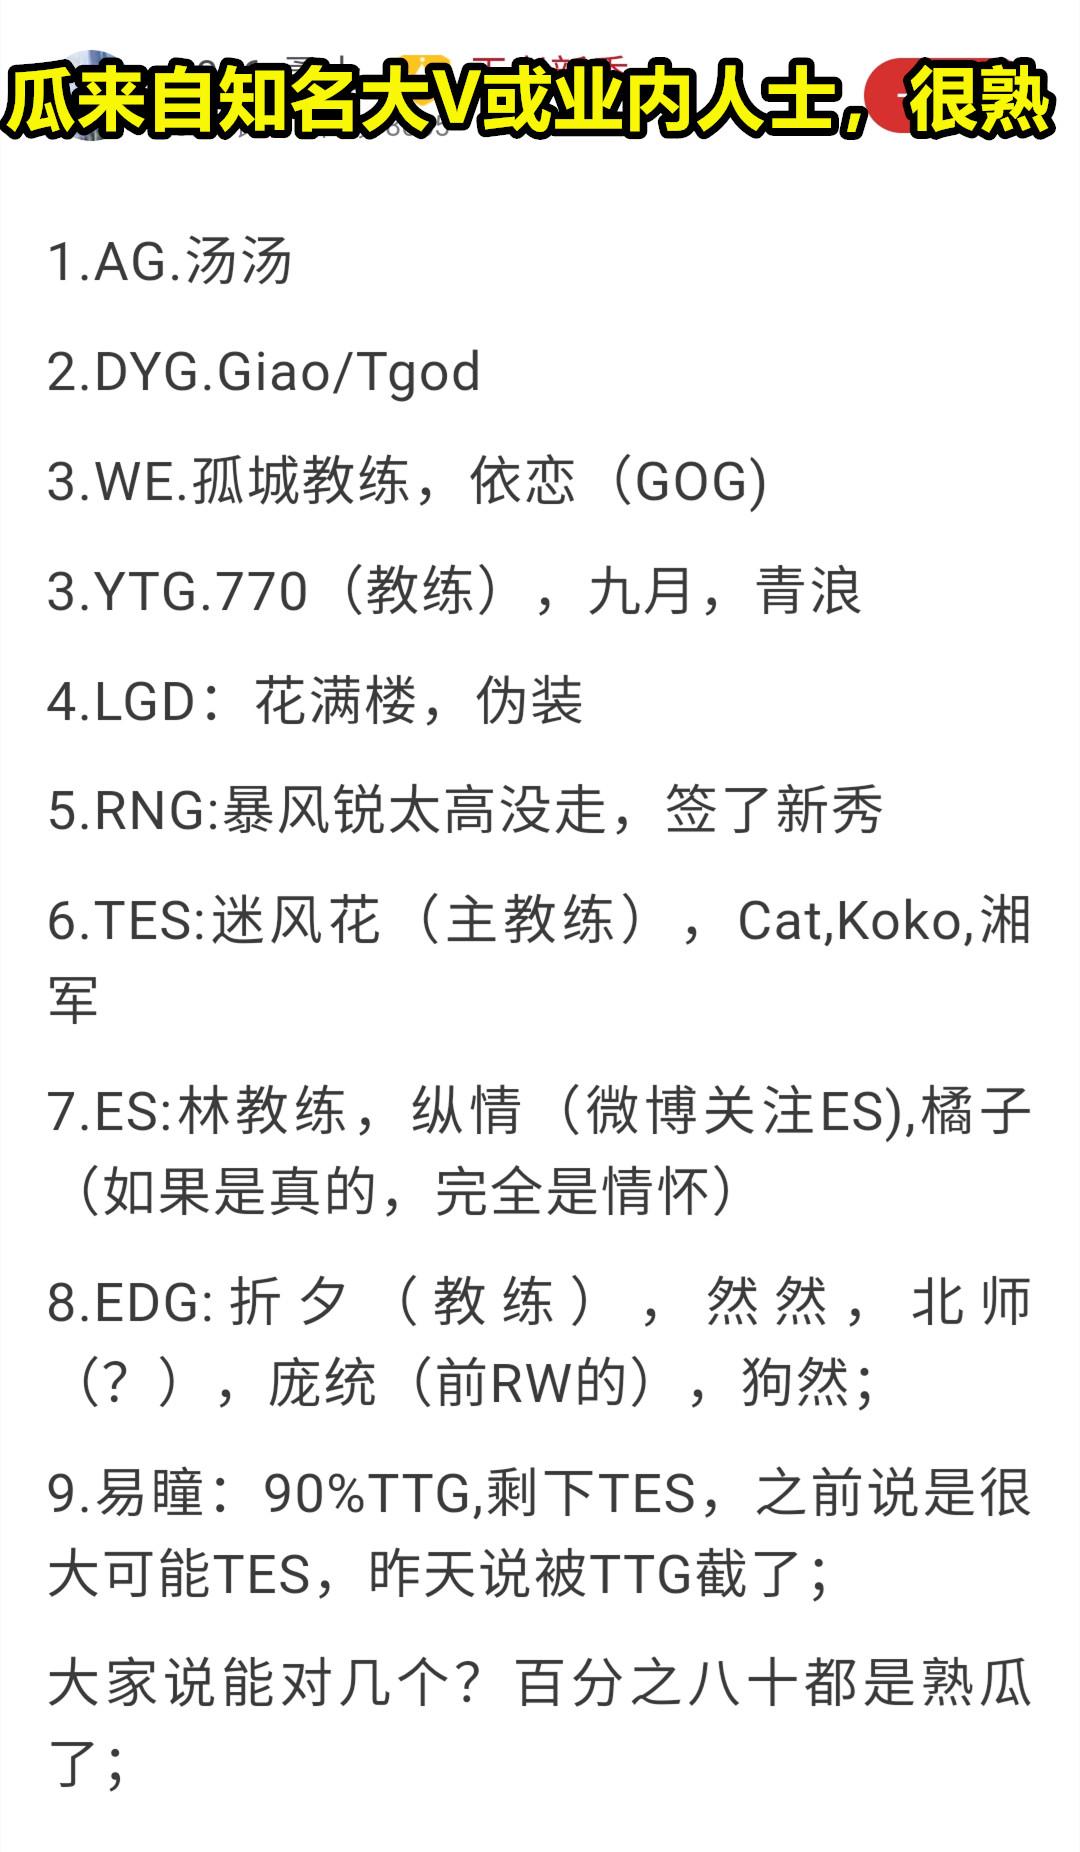 8.28转会瓜汇总:AG双胞胎,TES猫神、湘君,TTG易瞳